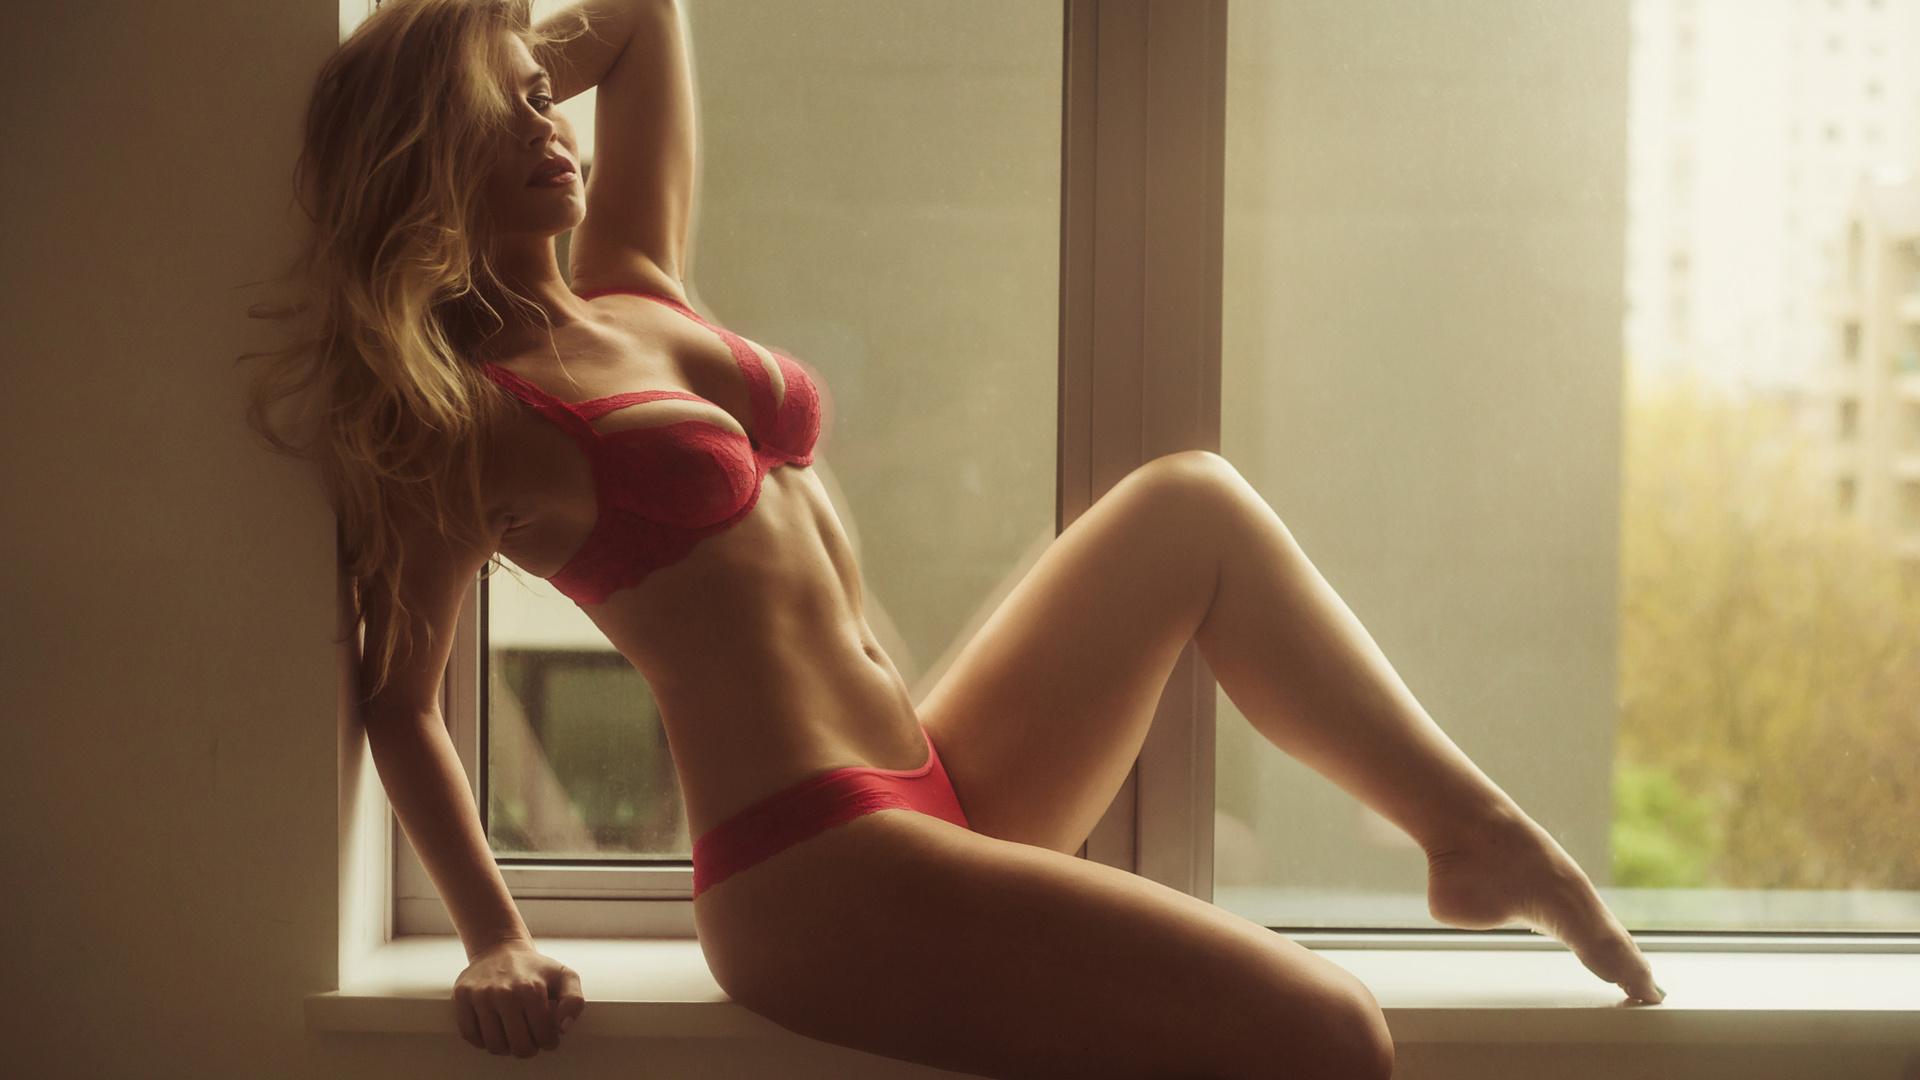 девушки красивые без нечего с красивой фигурой с красивой грудью упругой стоячей